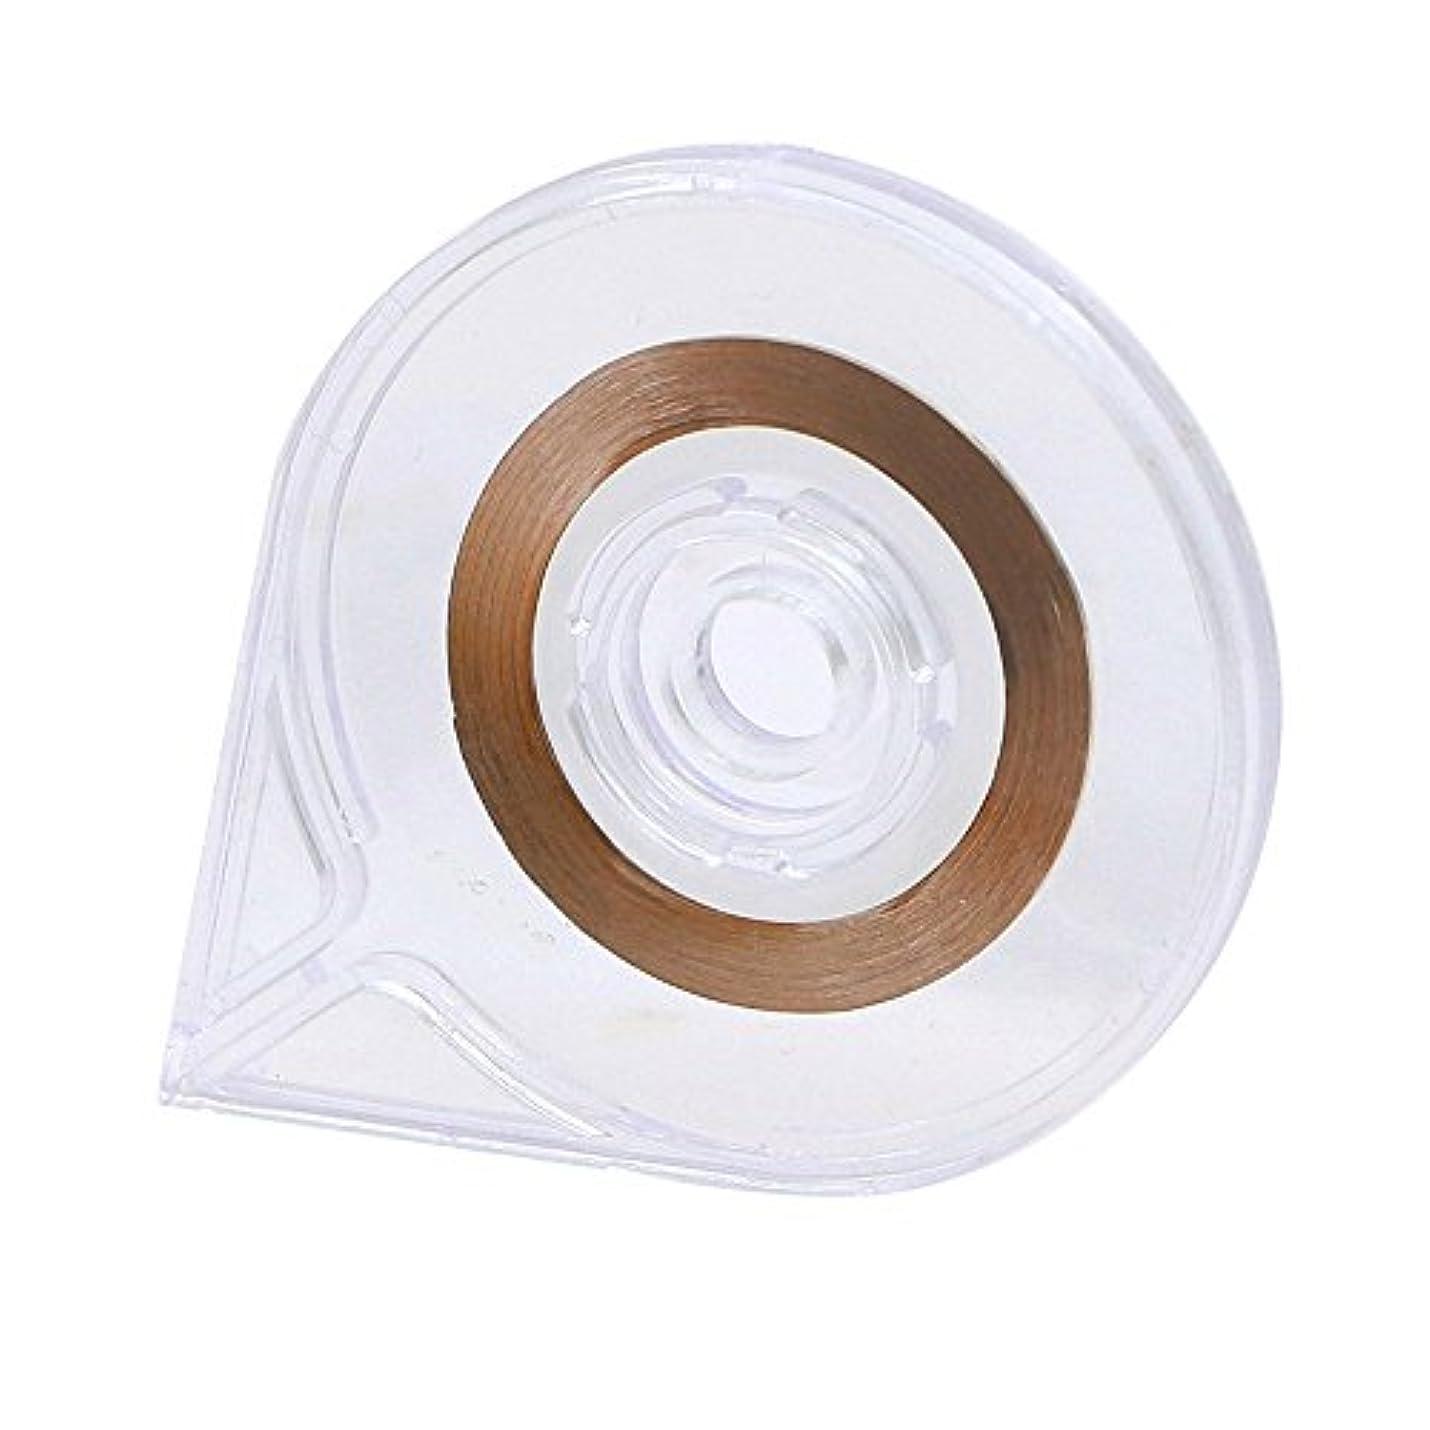 名誉受ける現実的SODIAL(R) ネイルアート ストライピングテープラインケースツールステッカーボックスホルダー 使いやすいデザイン